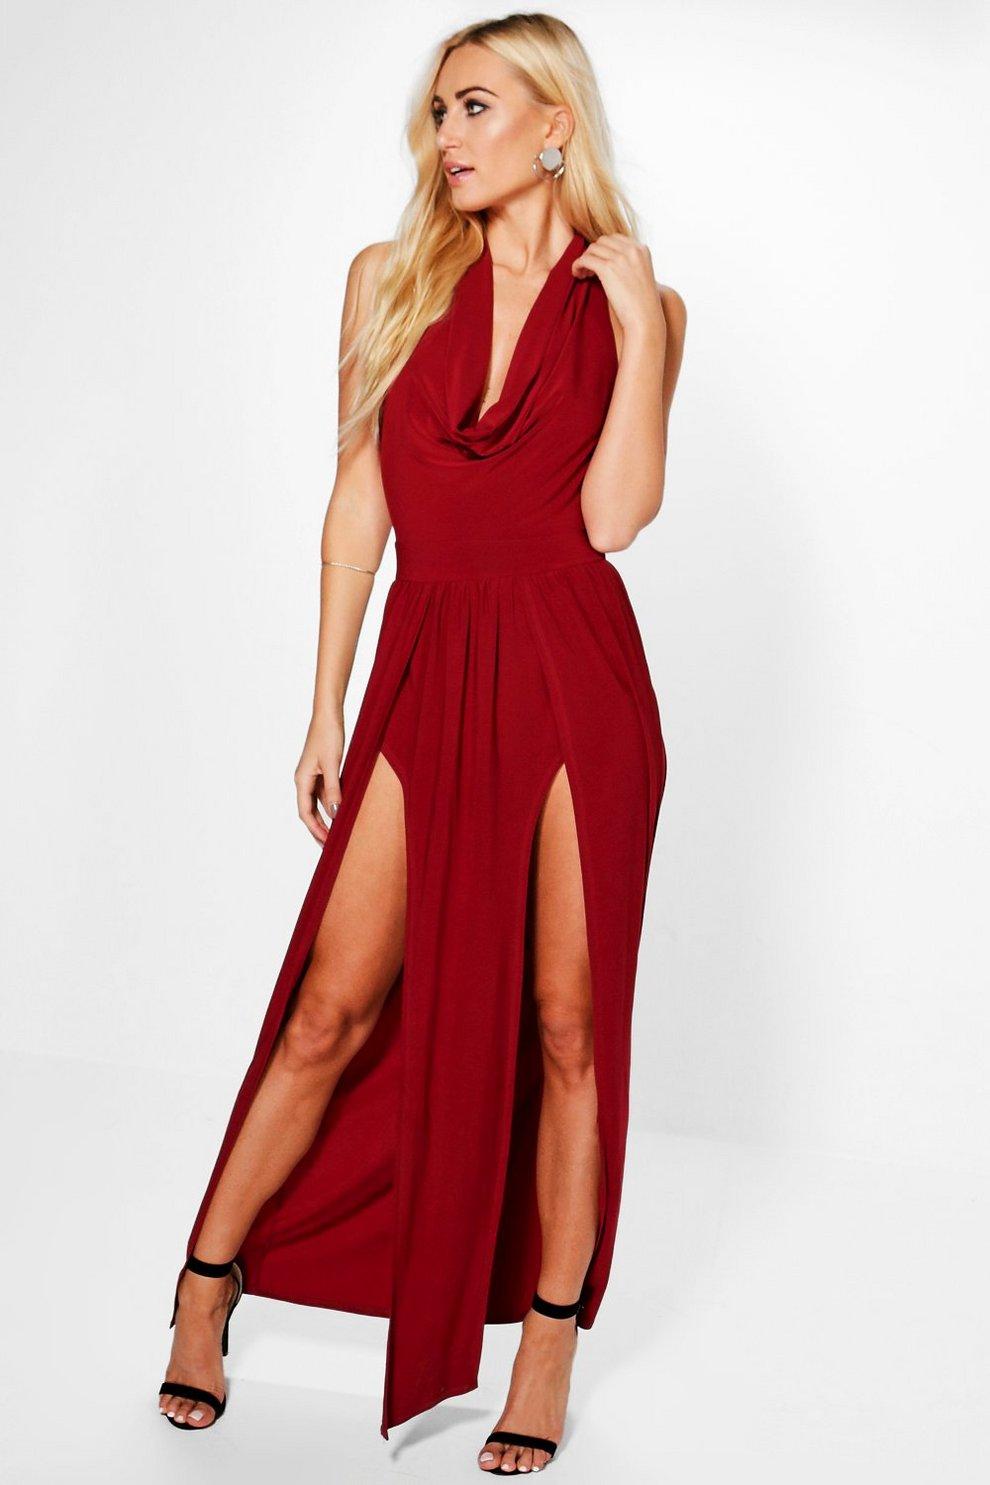 2b8d26c890f9 Morganna Slinky Side Split Maxi Dress | Boohoo